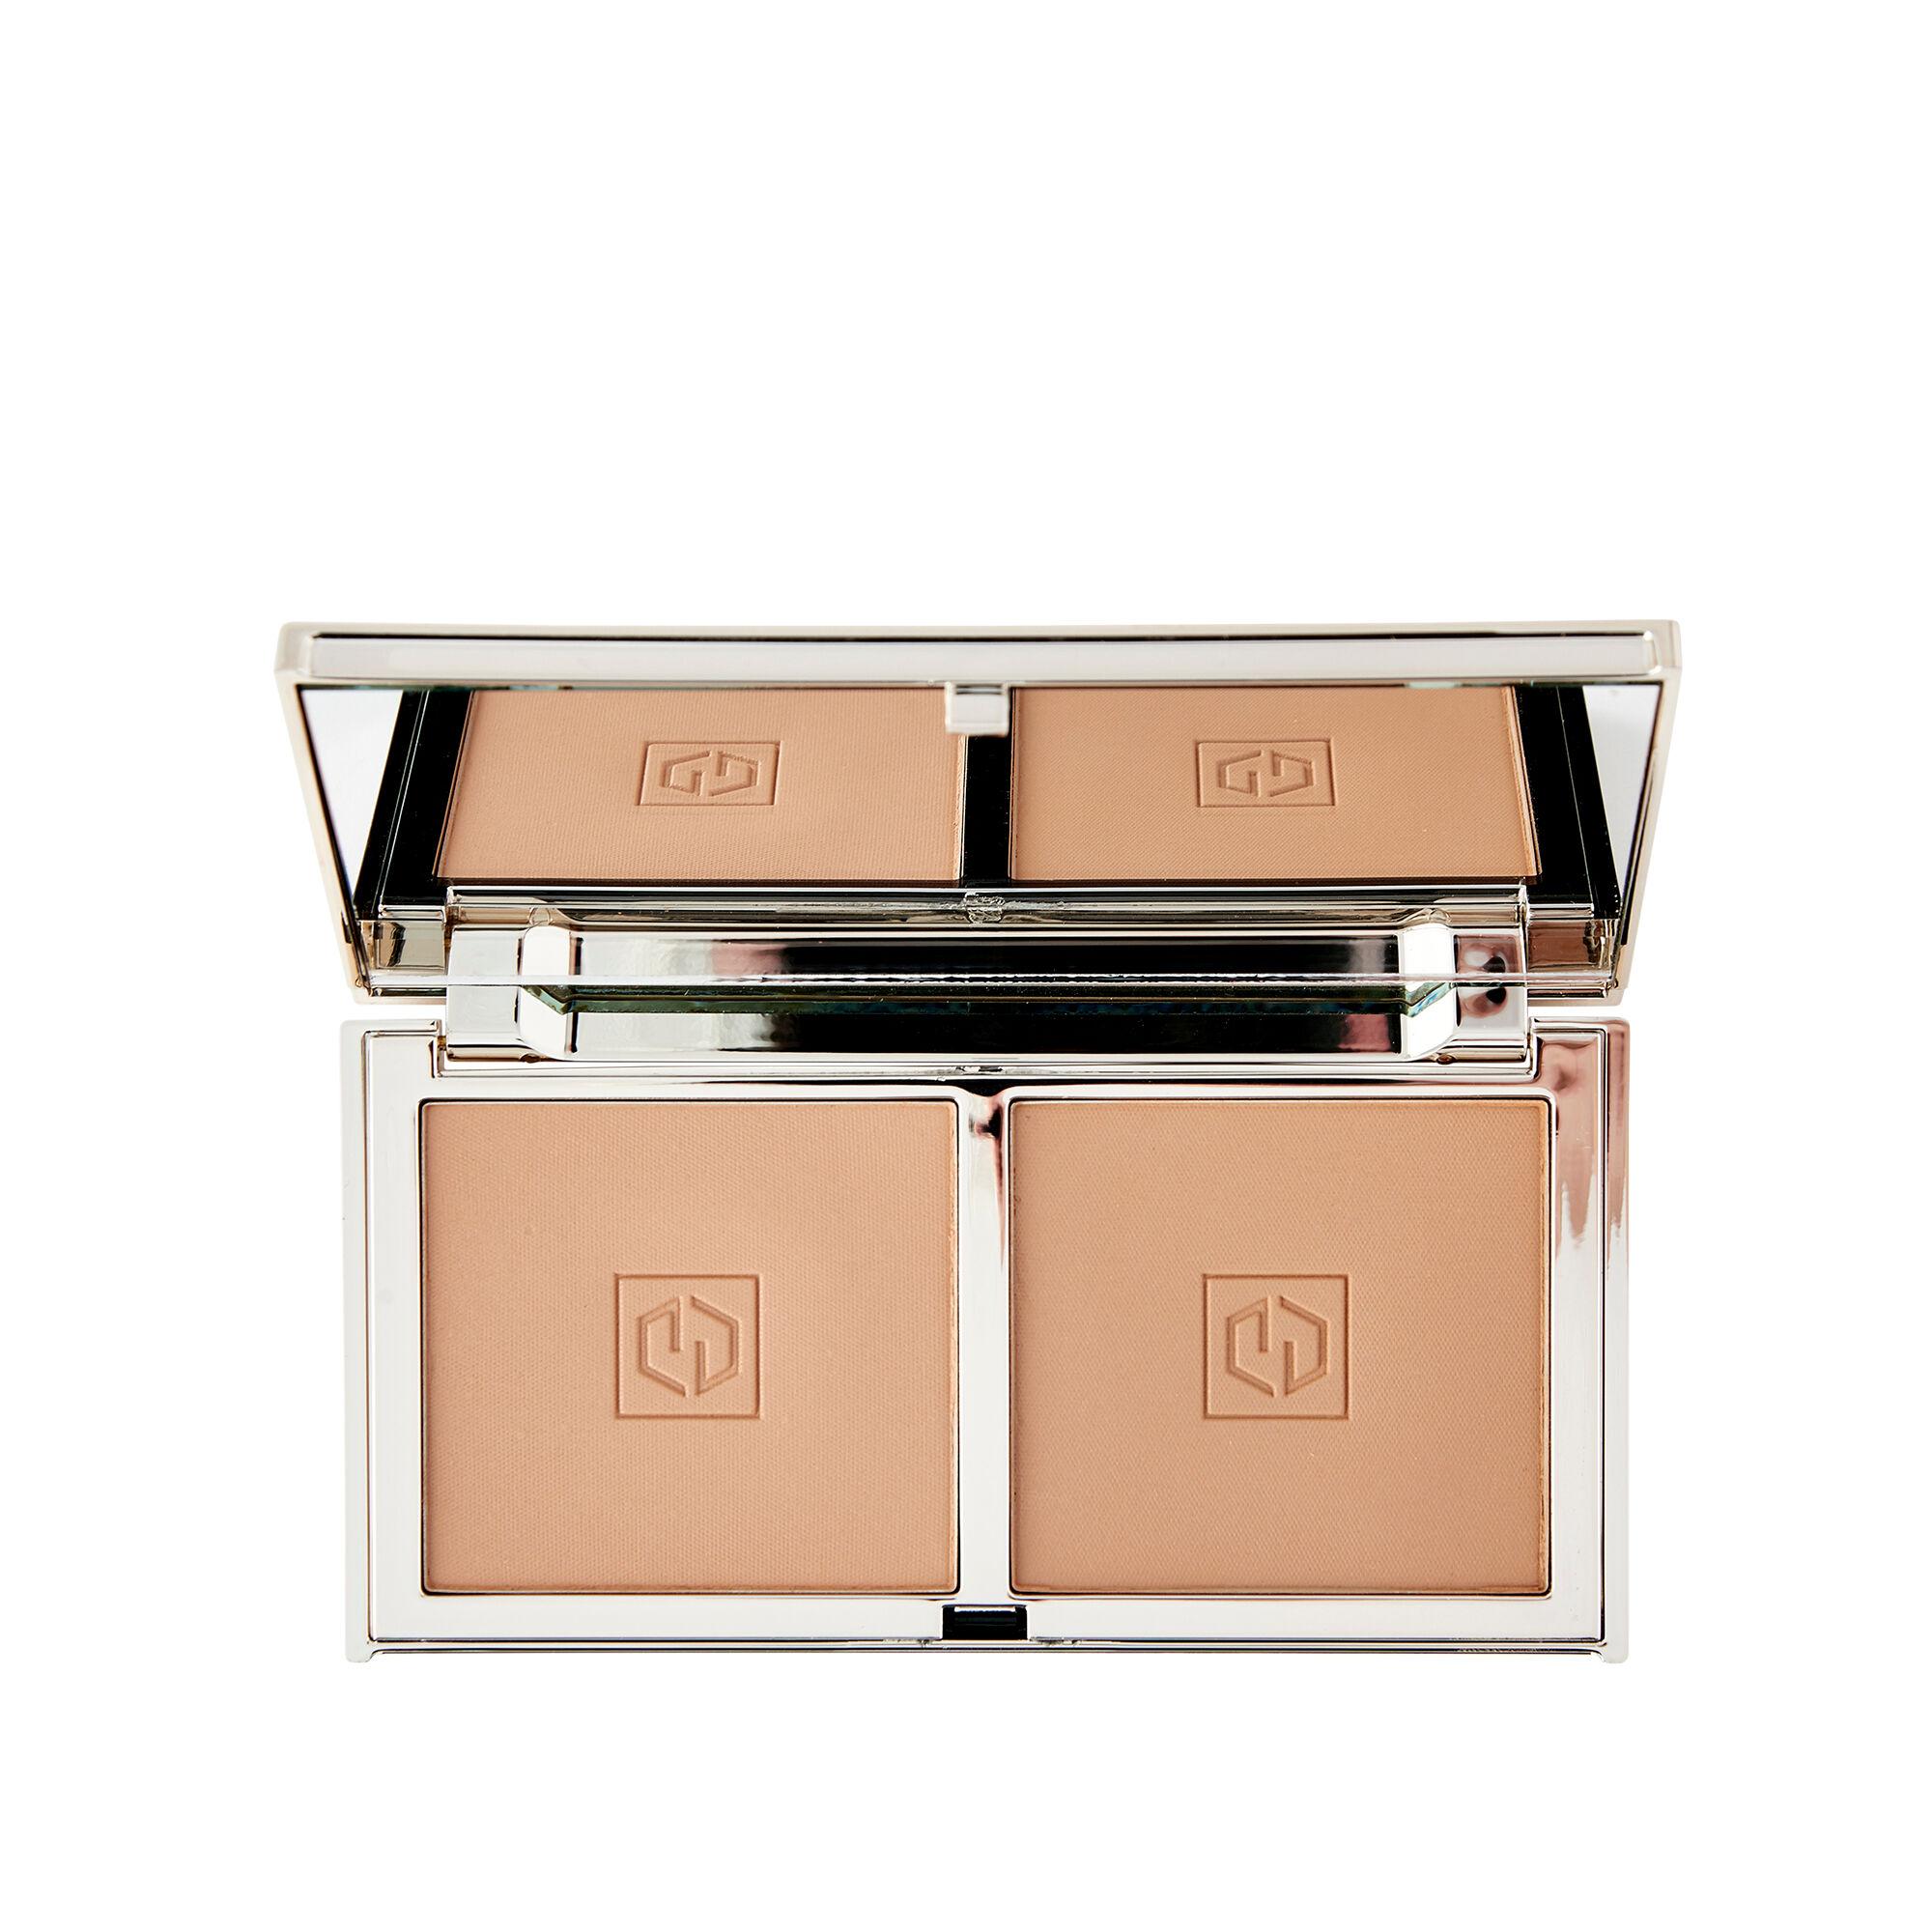 Jouer Cosmetics Sunswept Bronzer Duo Sunlight & Suntan 11g